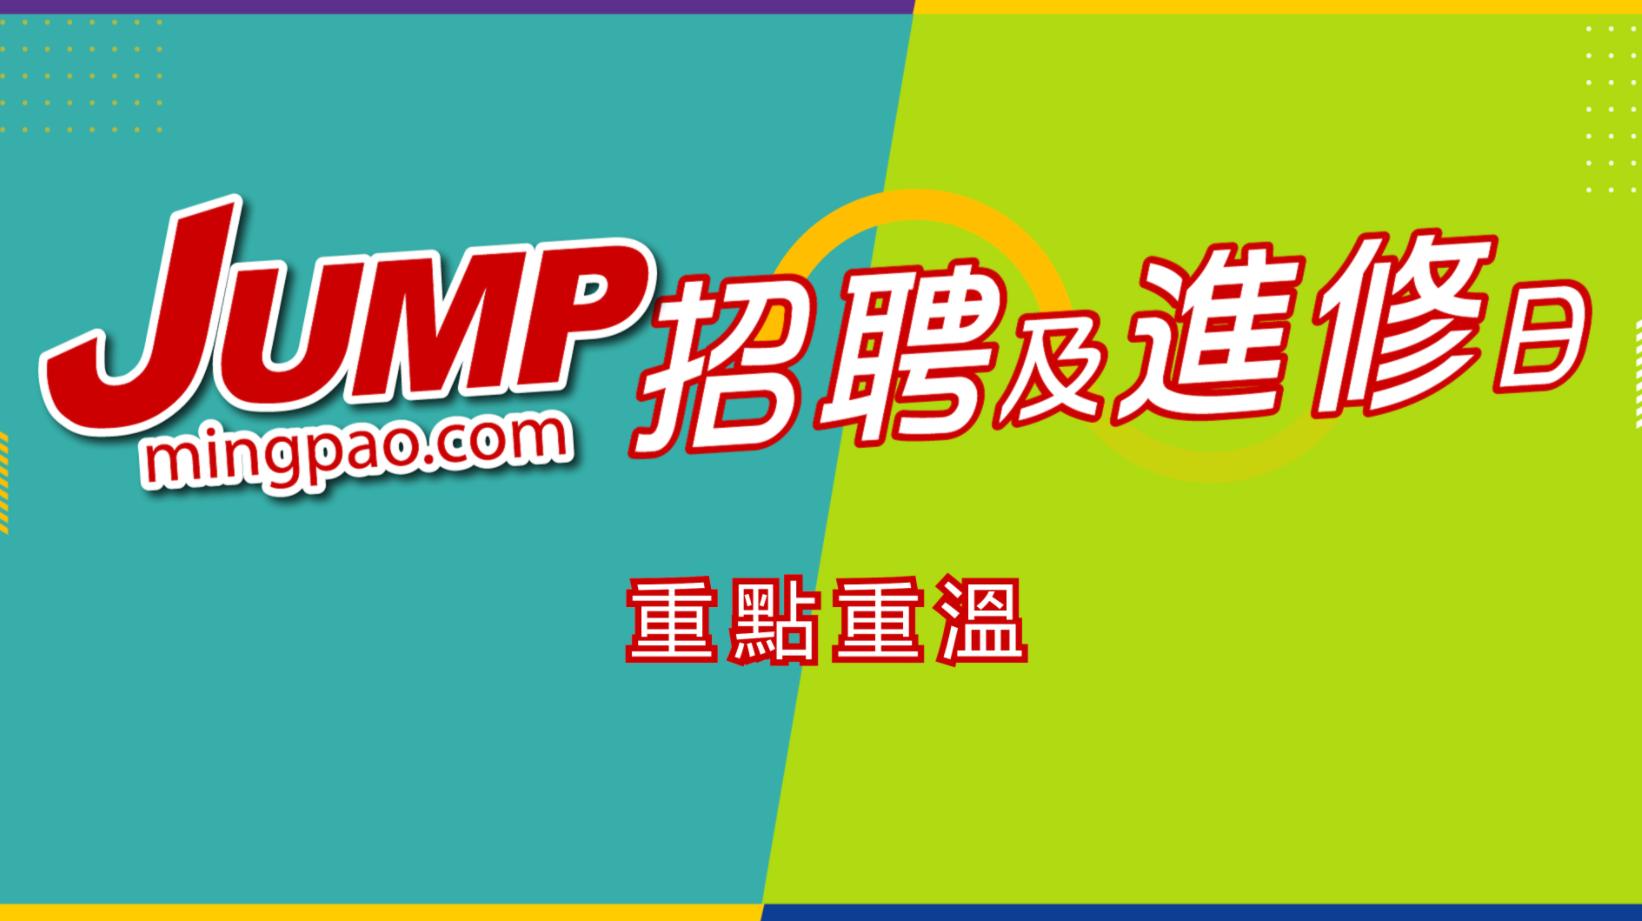 JUMP 招聘及進修日 2021 重點重溫